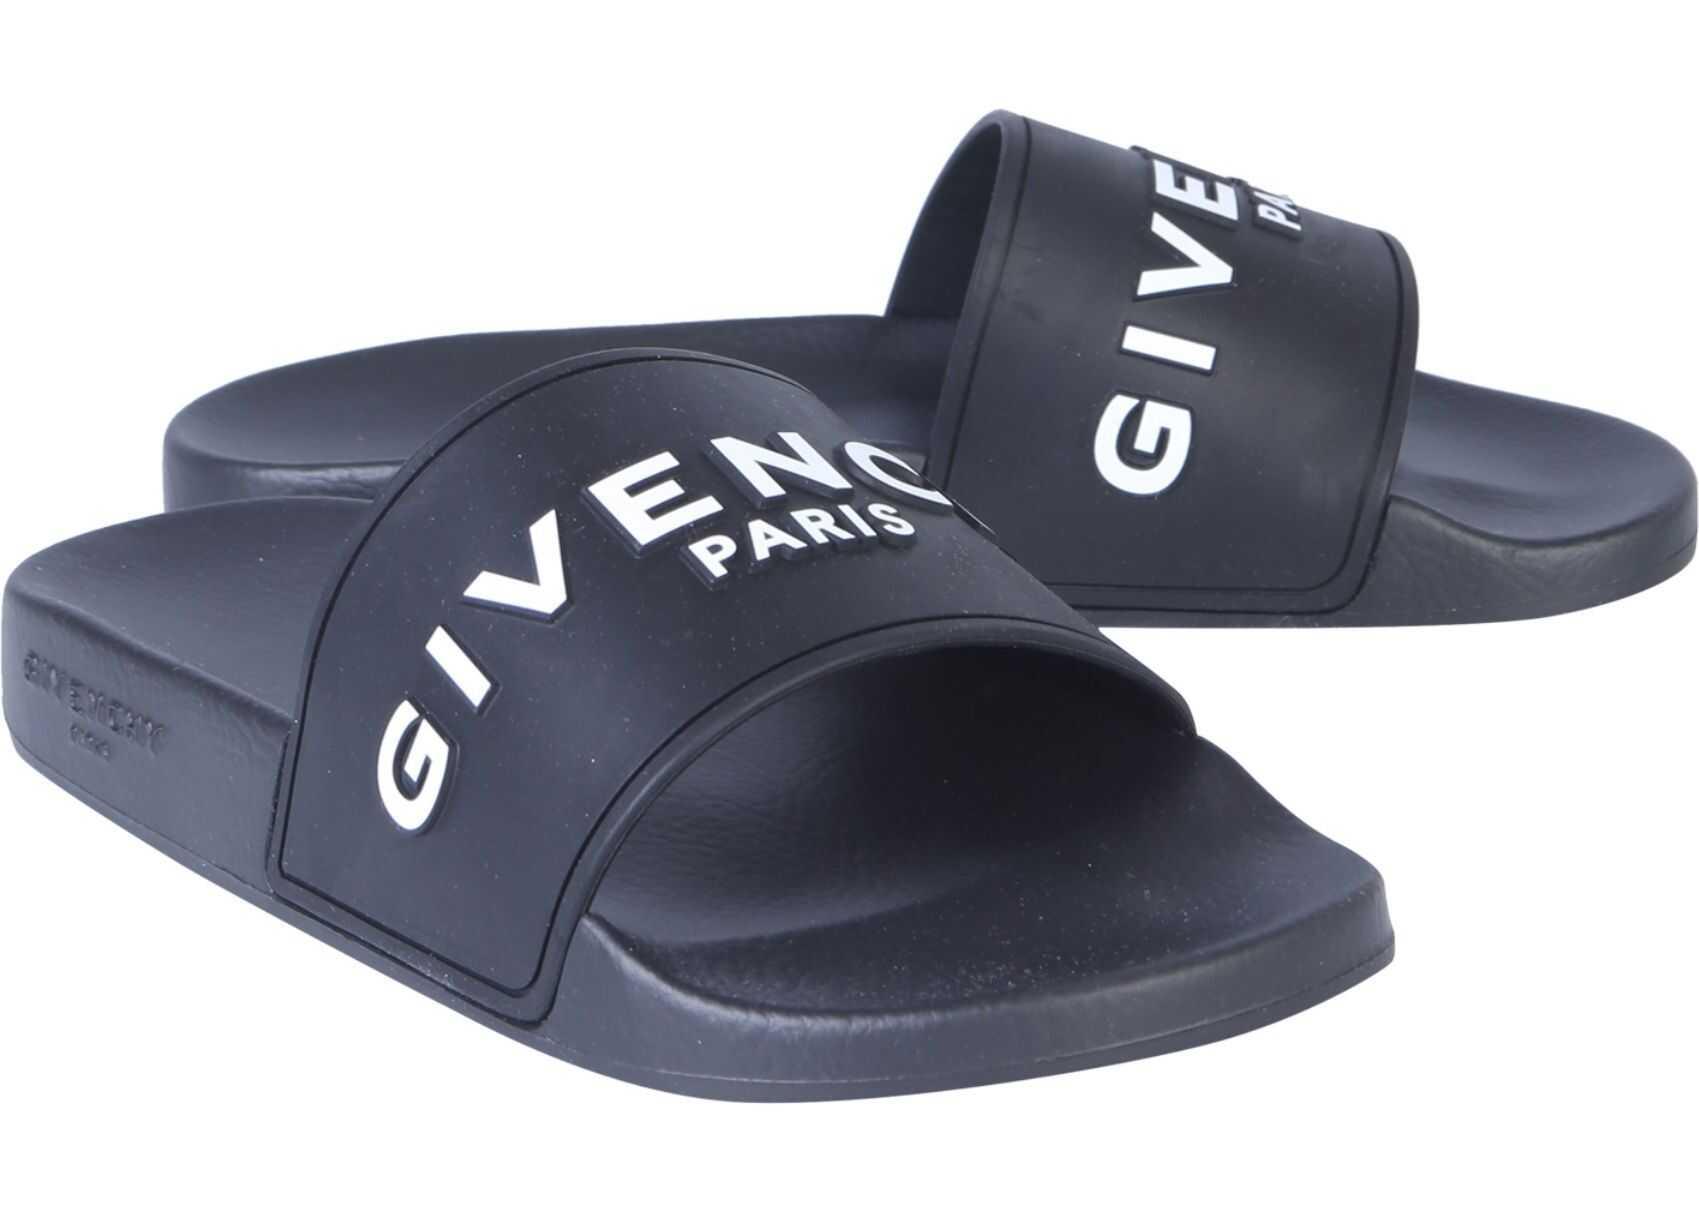 Givenchy Slide Sandals BLACK